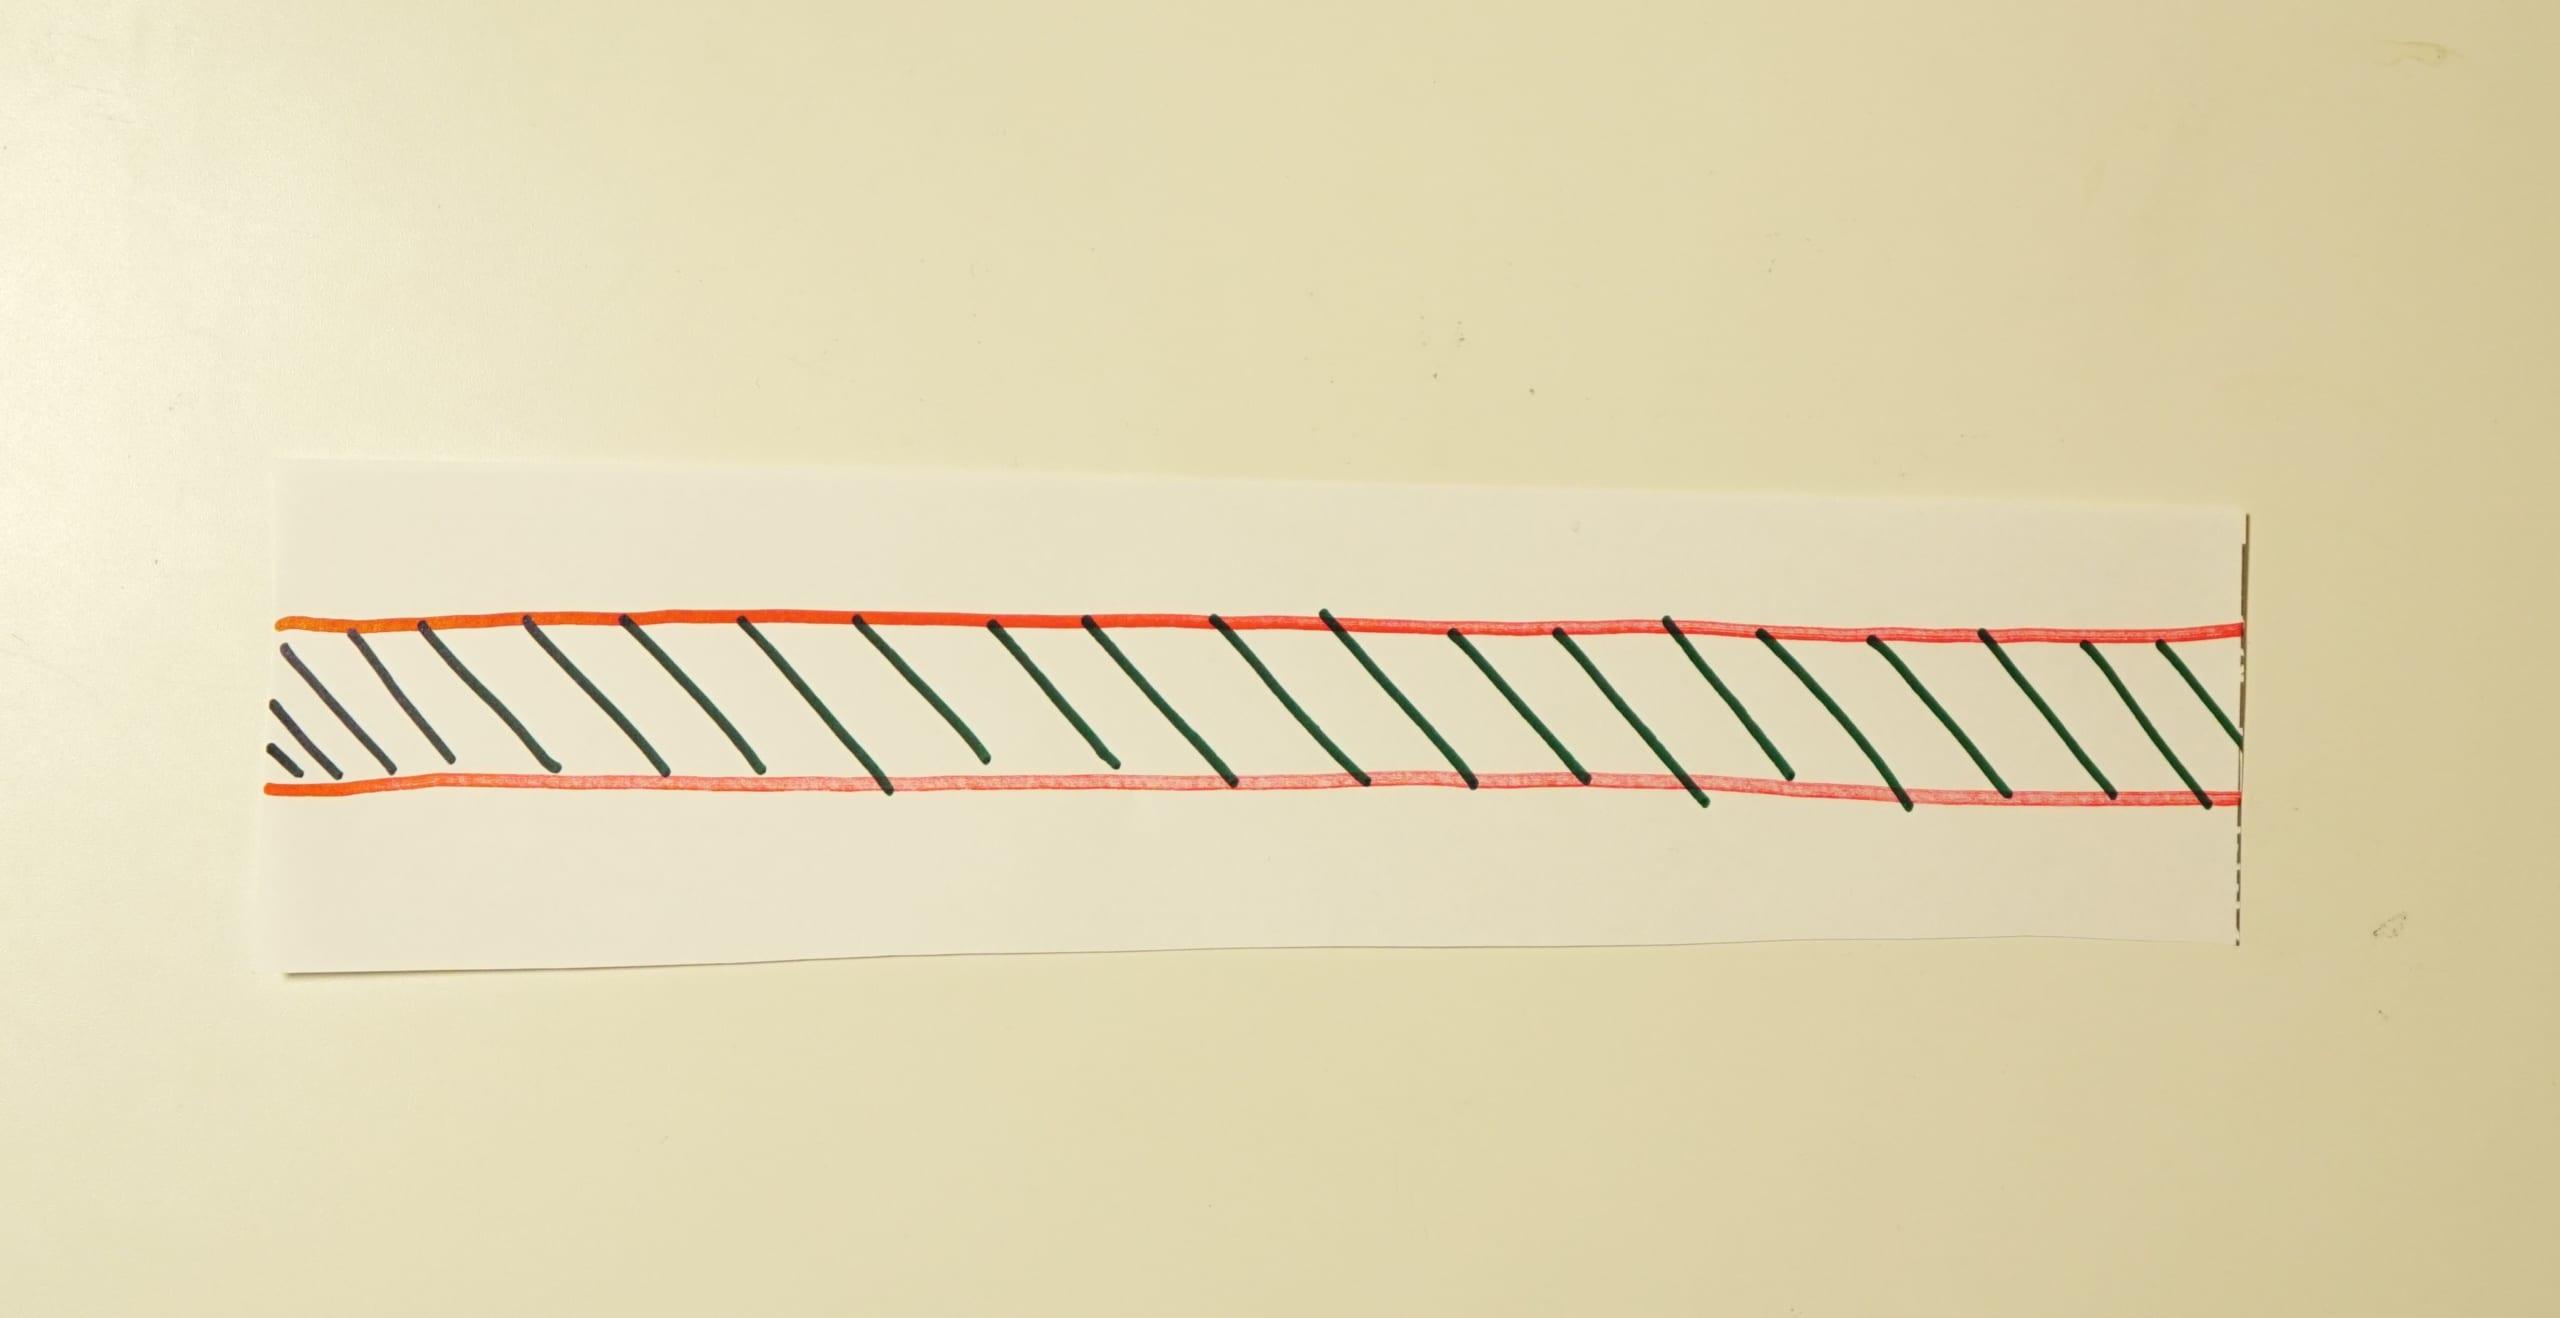 予想外。メビウスの輪に2本線を入れて切ったらどうなるの?実際にやってみた!の画像 10/12